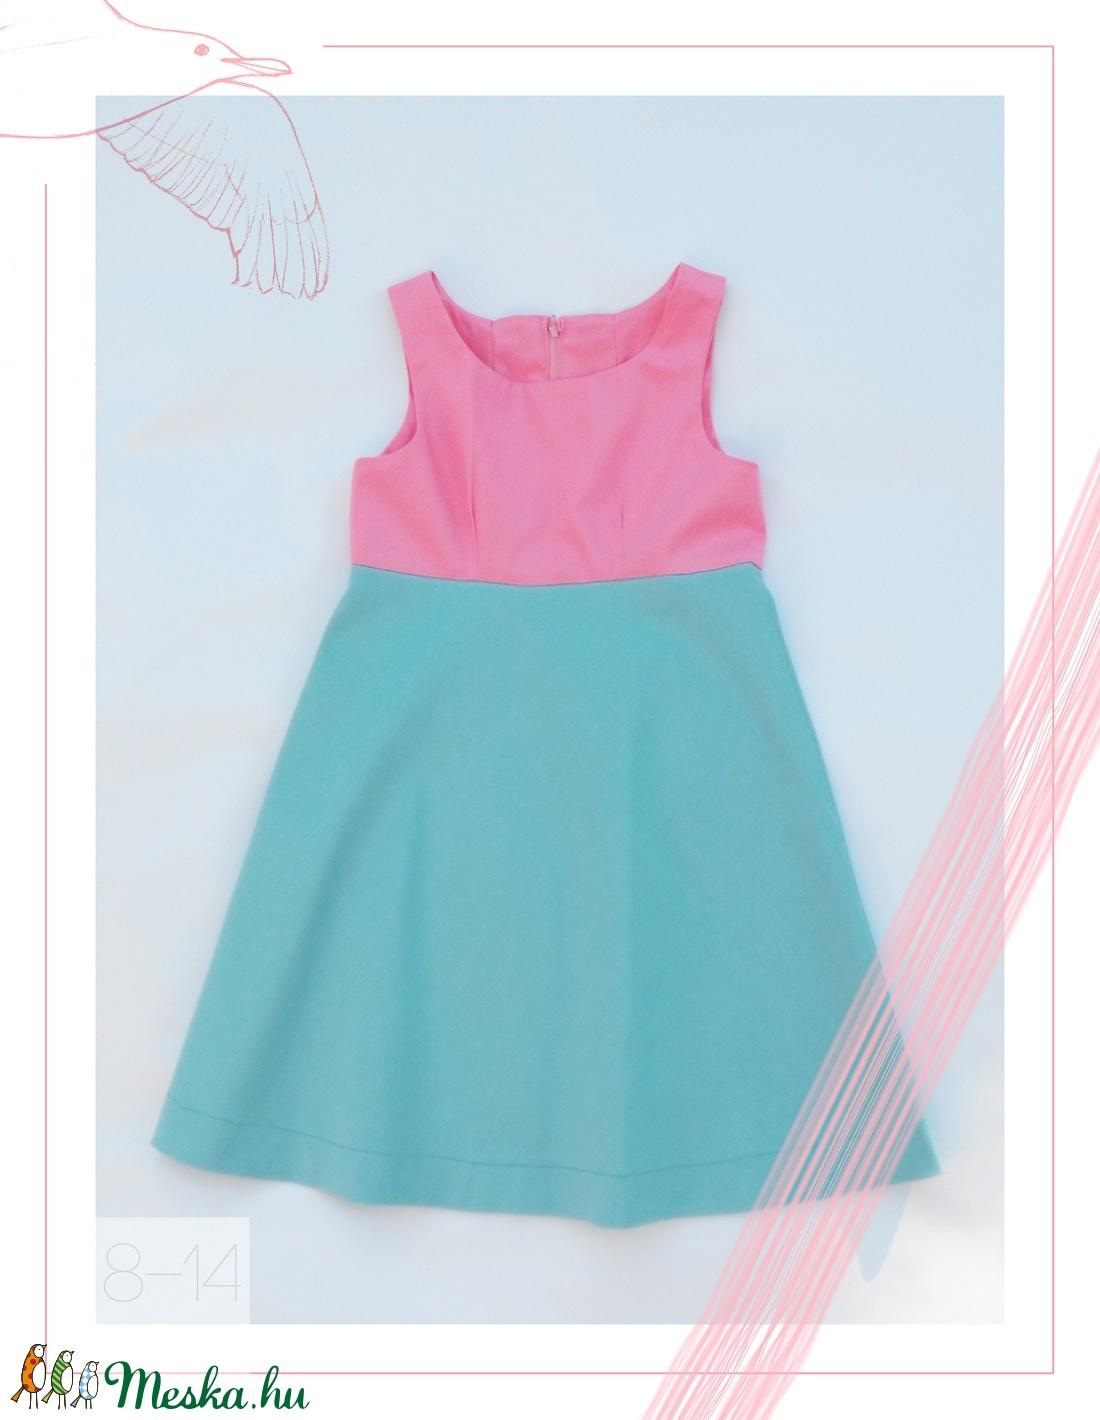 Hortenzia_lányka ruha 146-os (10-11 éves) (814GIRL) - Meska.hu